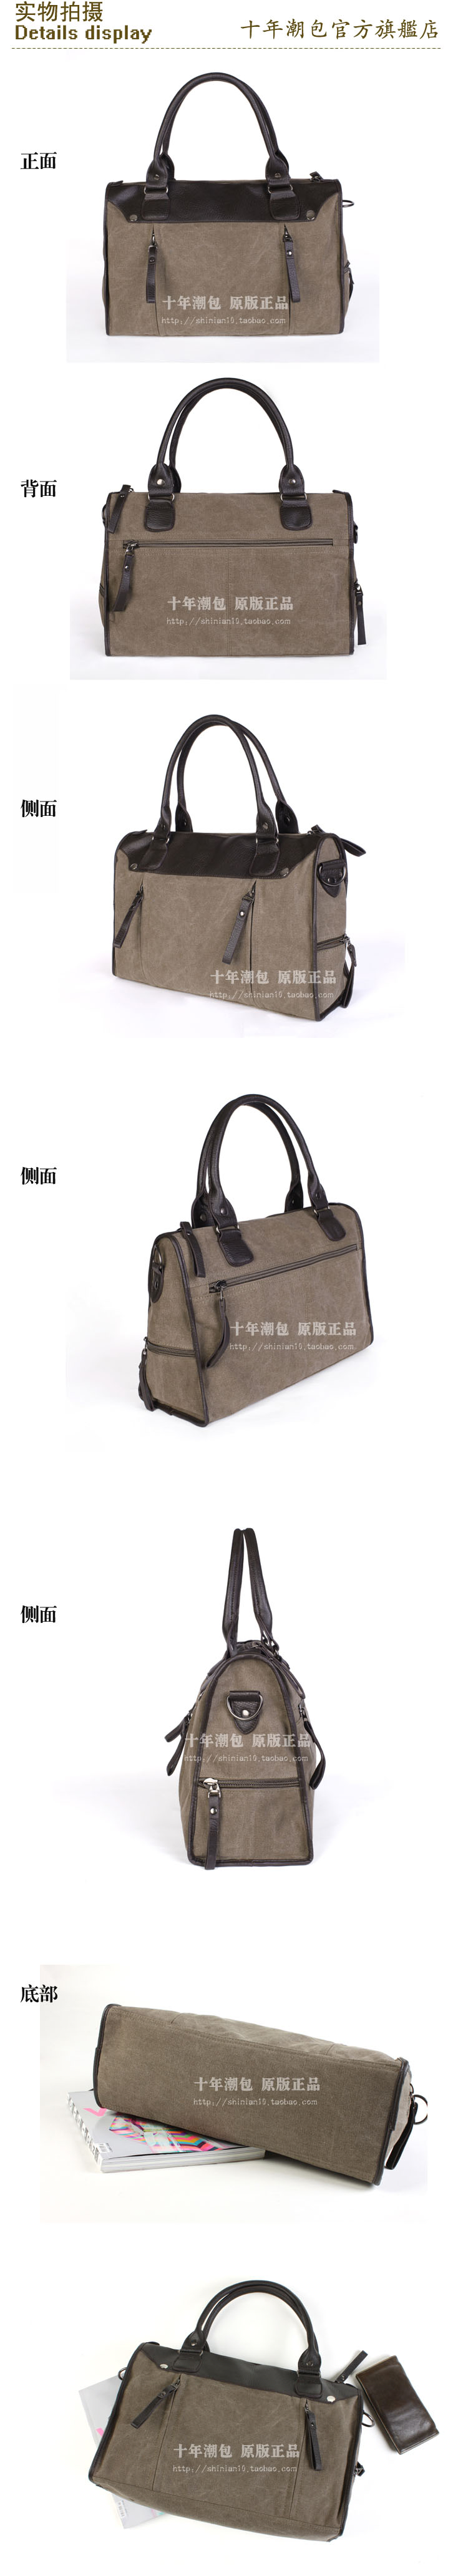 Tui Xach Nam HQ HM02  11